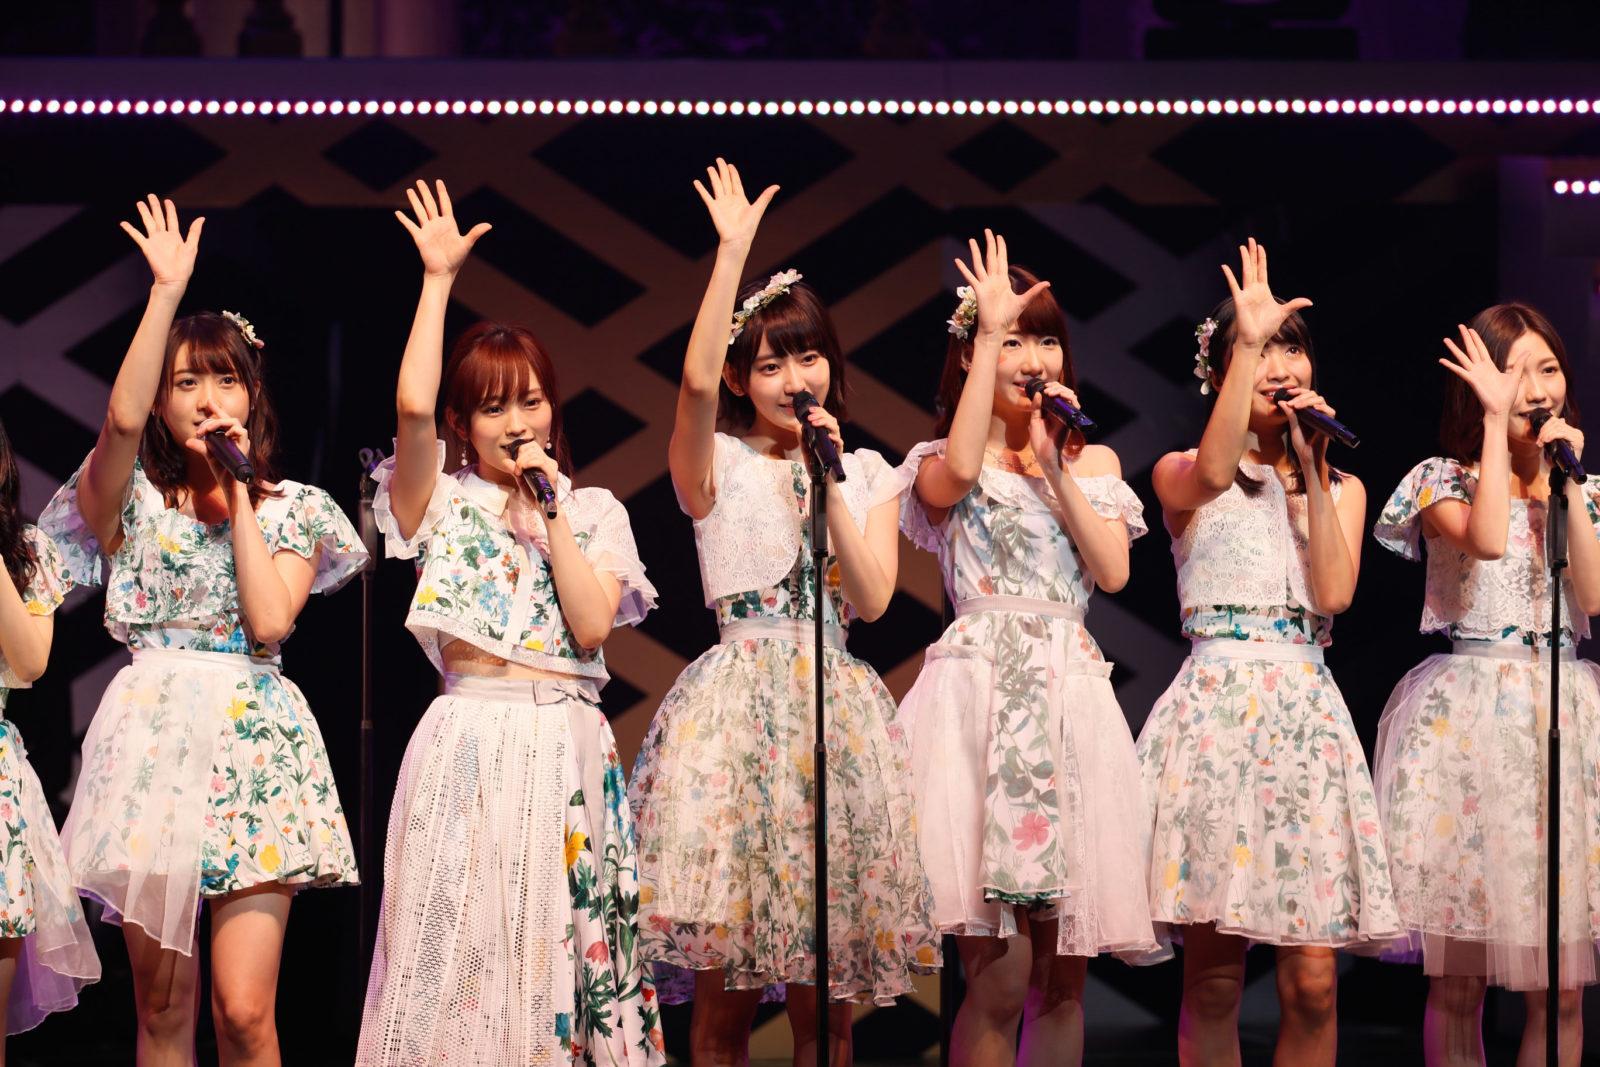 「AKB48グループリクエストアワー セットリストベスト100 2017」 DVD & Blu-rayジャケット&ダイジェスト映像公開サムネイル画像!